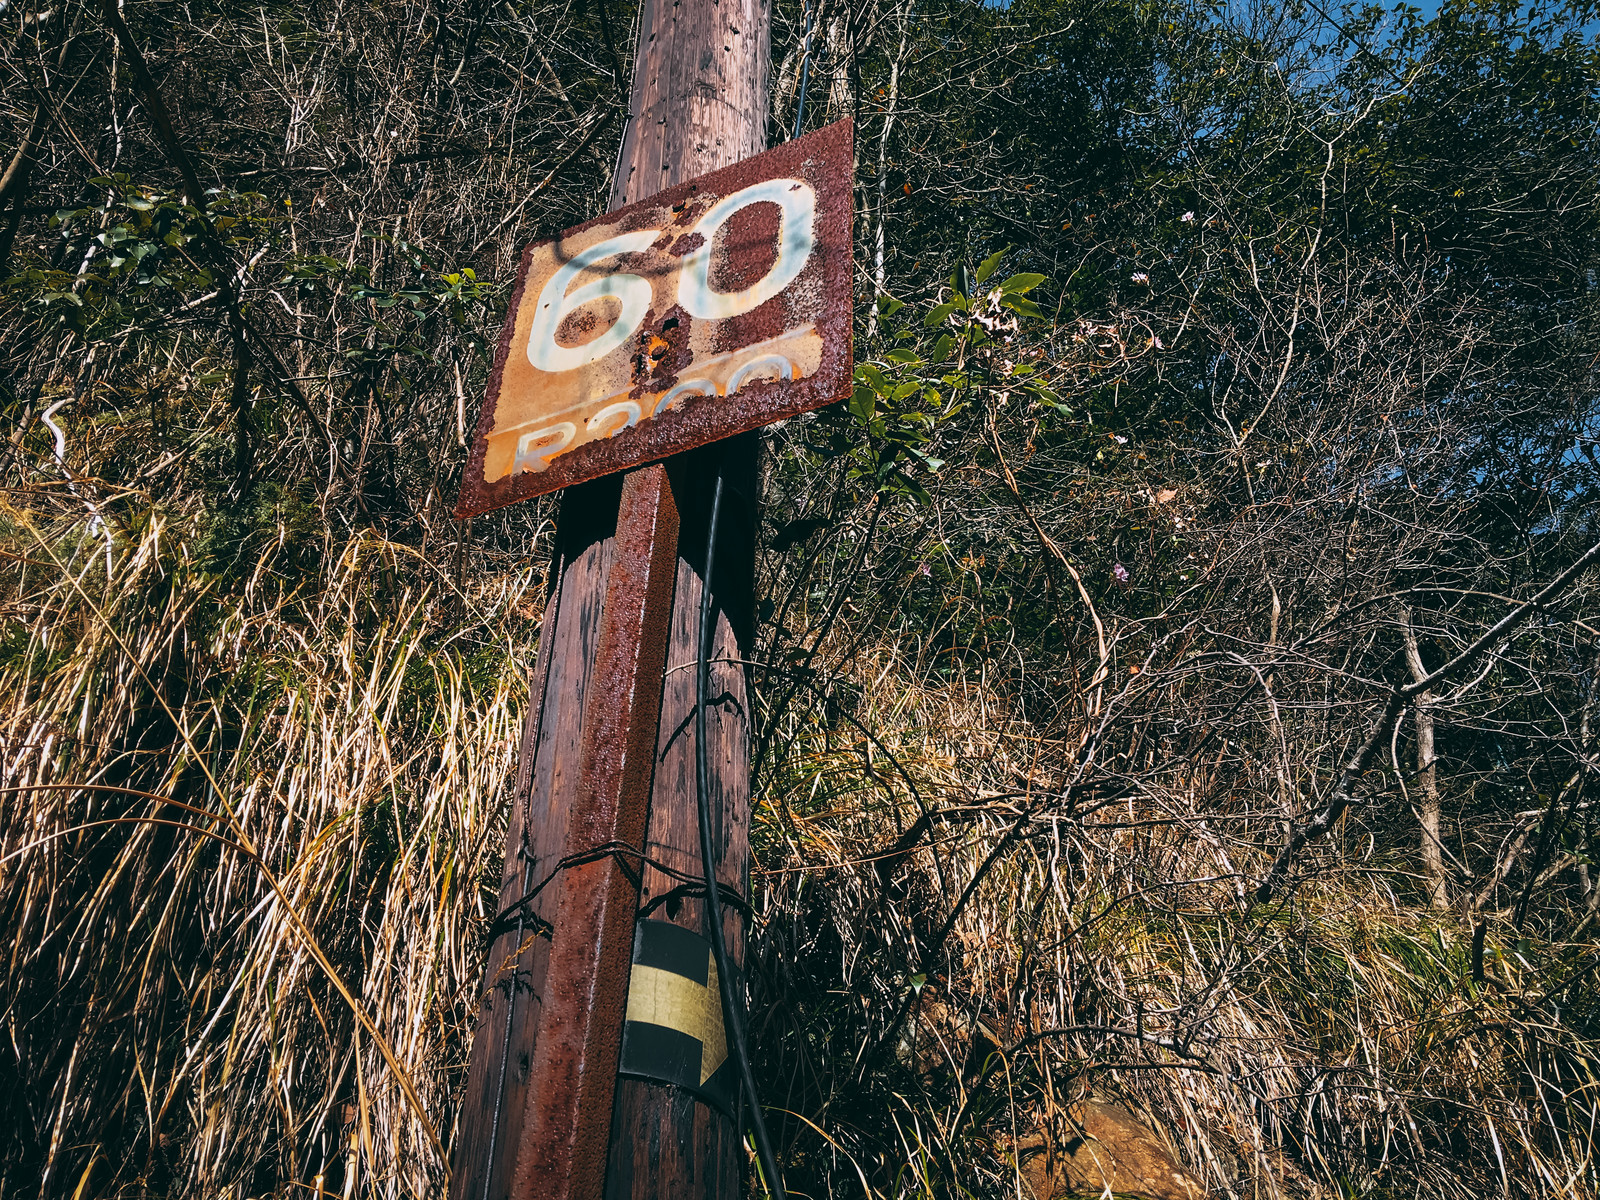 「60と書かれた錆びついた鉄看板(JR福知山線廃線敷)」の写真